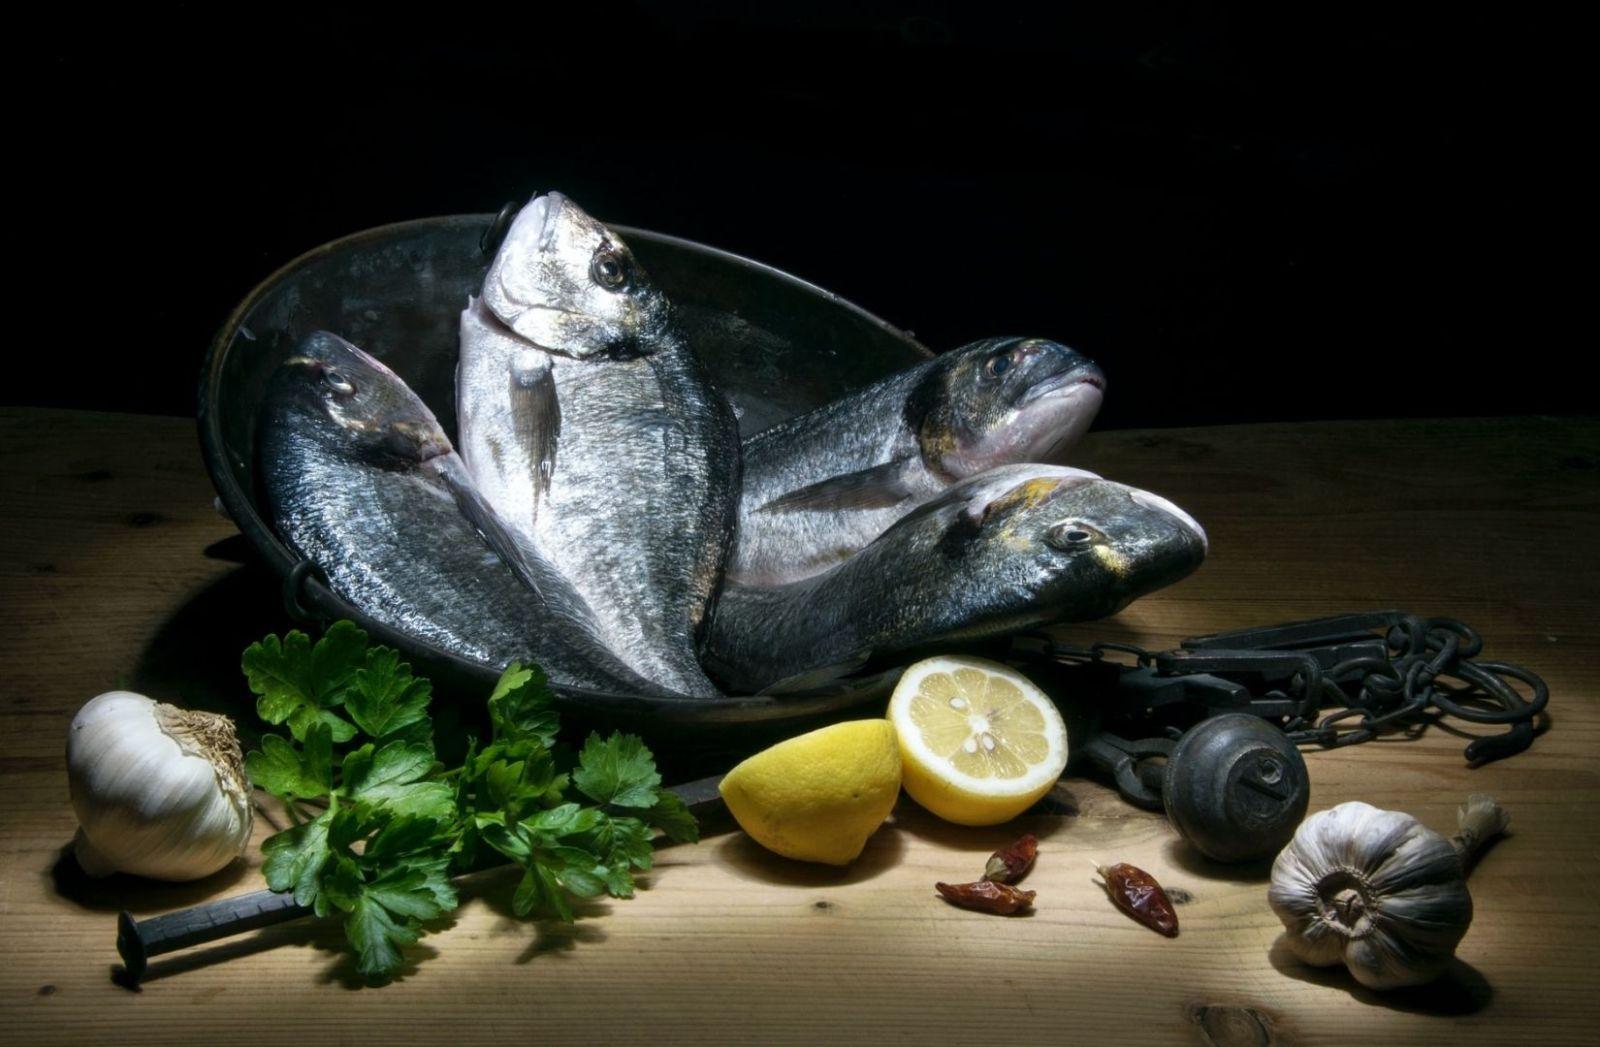 Die Entpolitisierung von Fischen. (Foto: Antonio Conti, Unsplash.com)